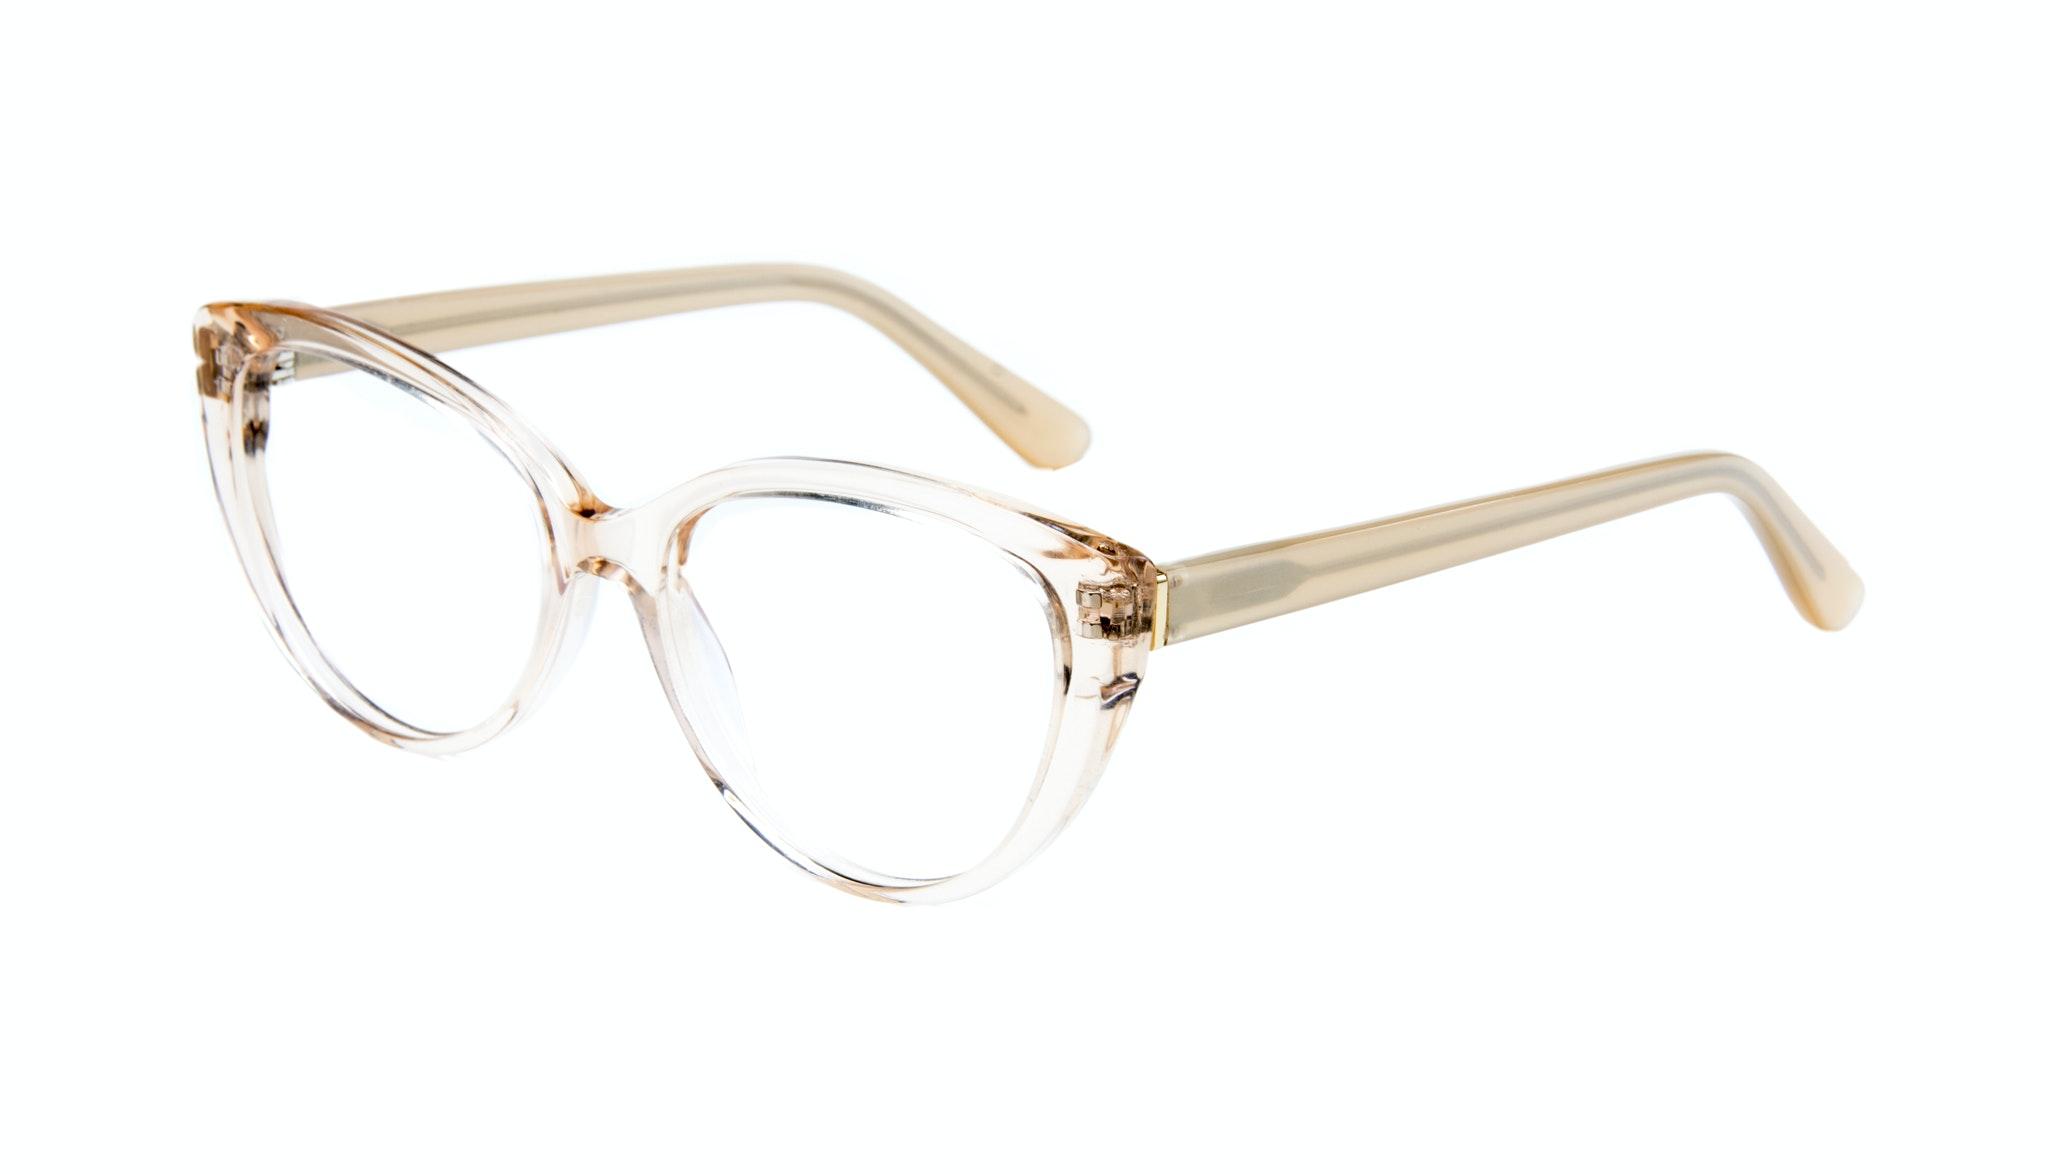 Affordable Fashion Glasses Cat Eye Eyeglasses Women Bliss Blond Metal Tilt